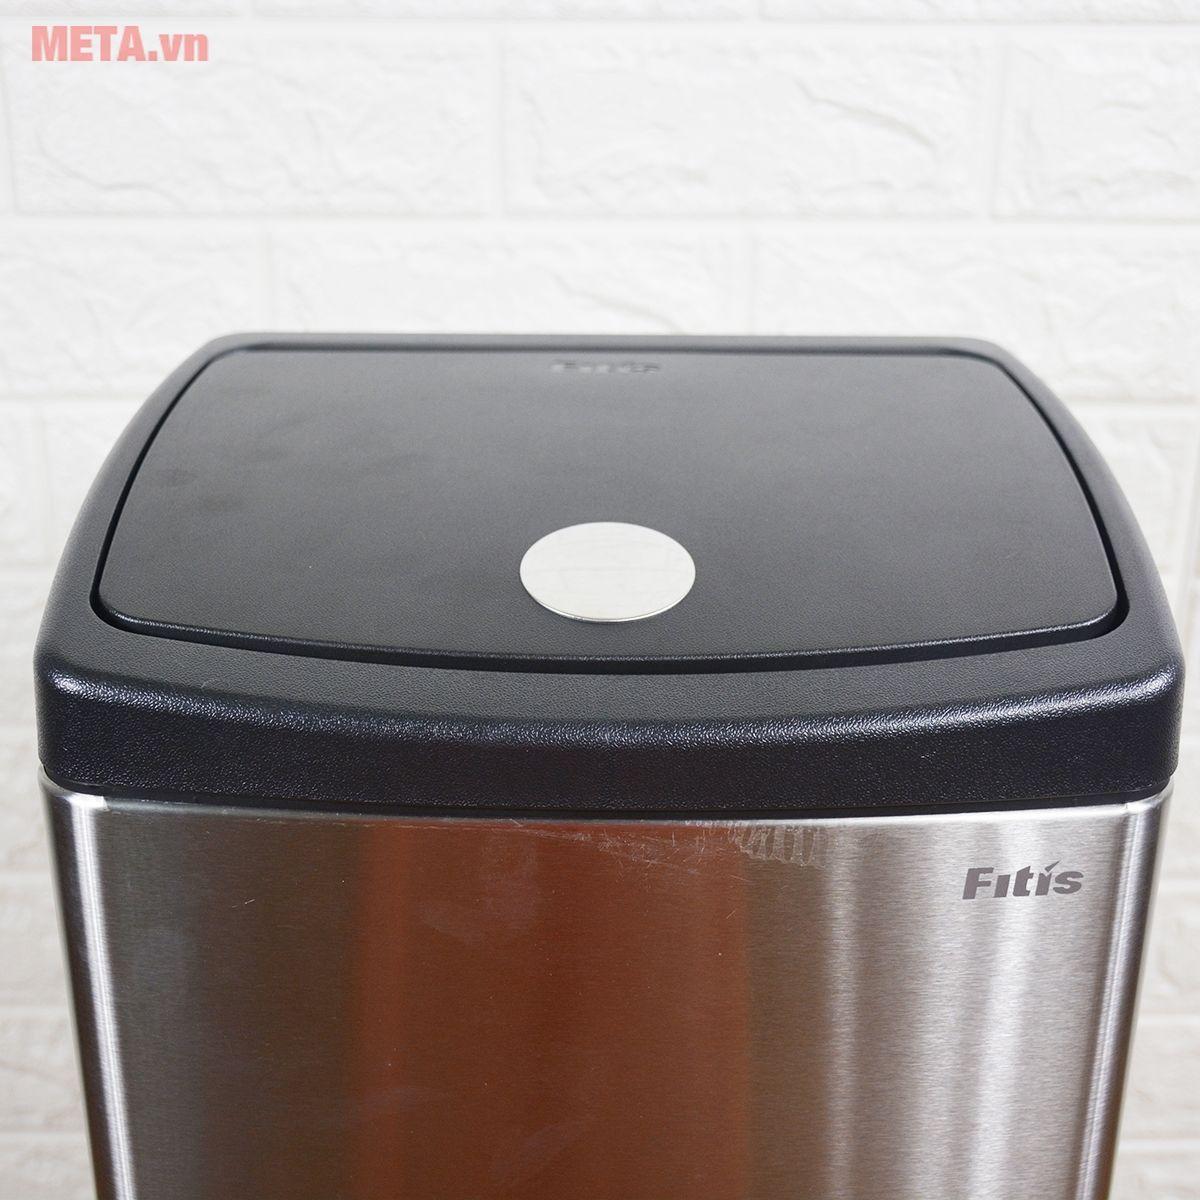 Thùng rác inox nhấn vuông lớn Fitis STL1-901 có nắp mở tiện lợi